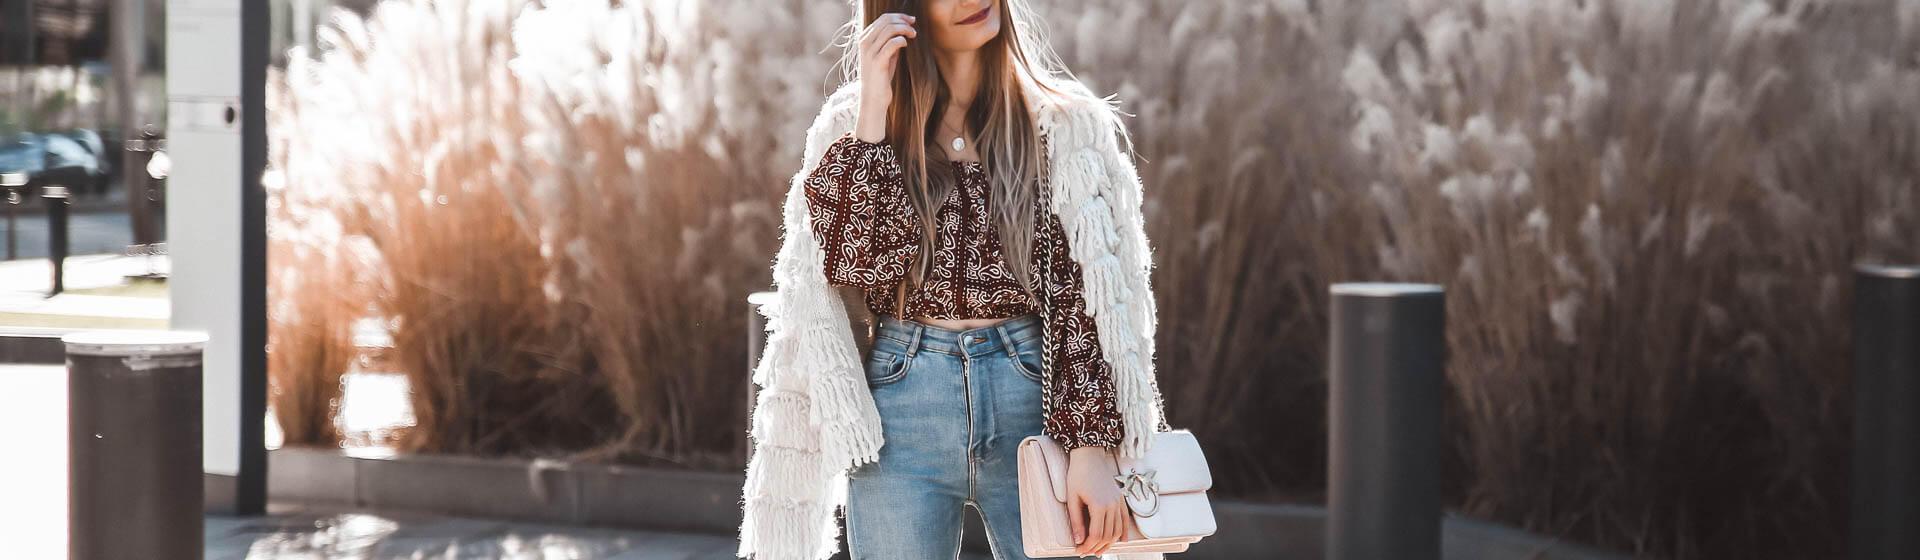 Outfit zum Frühlingsanfang kombinieren